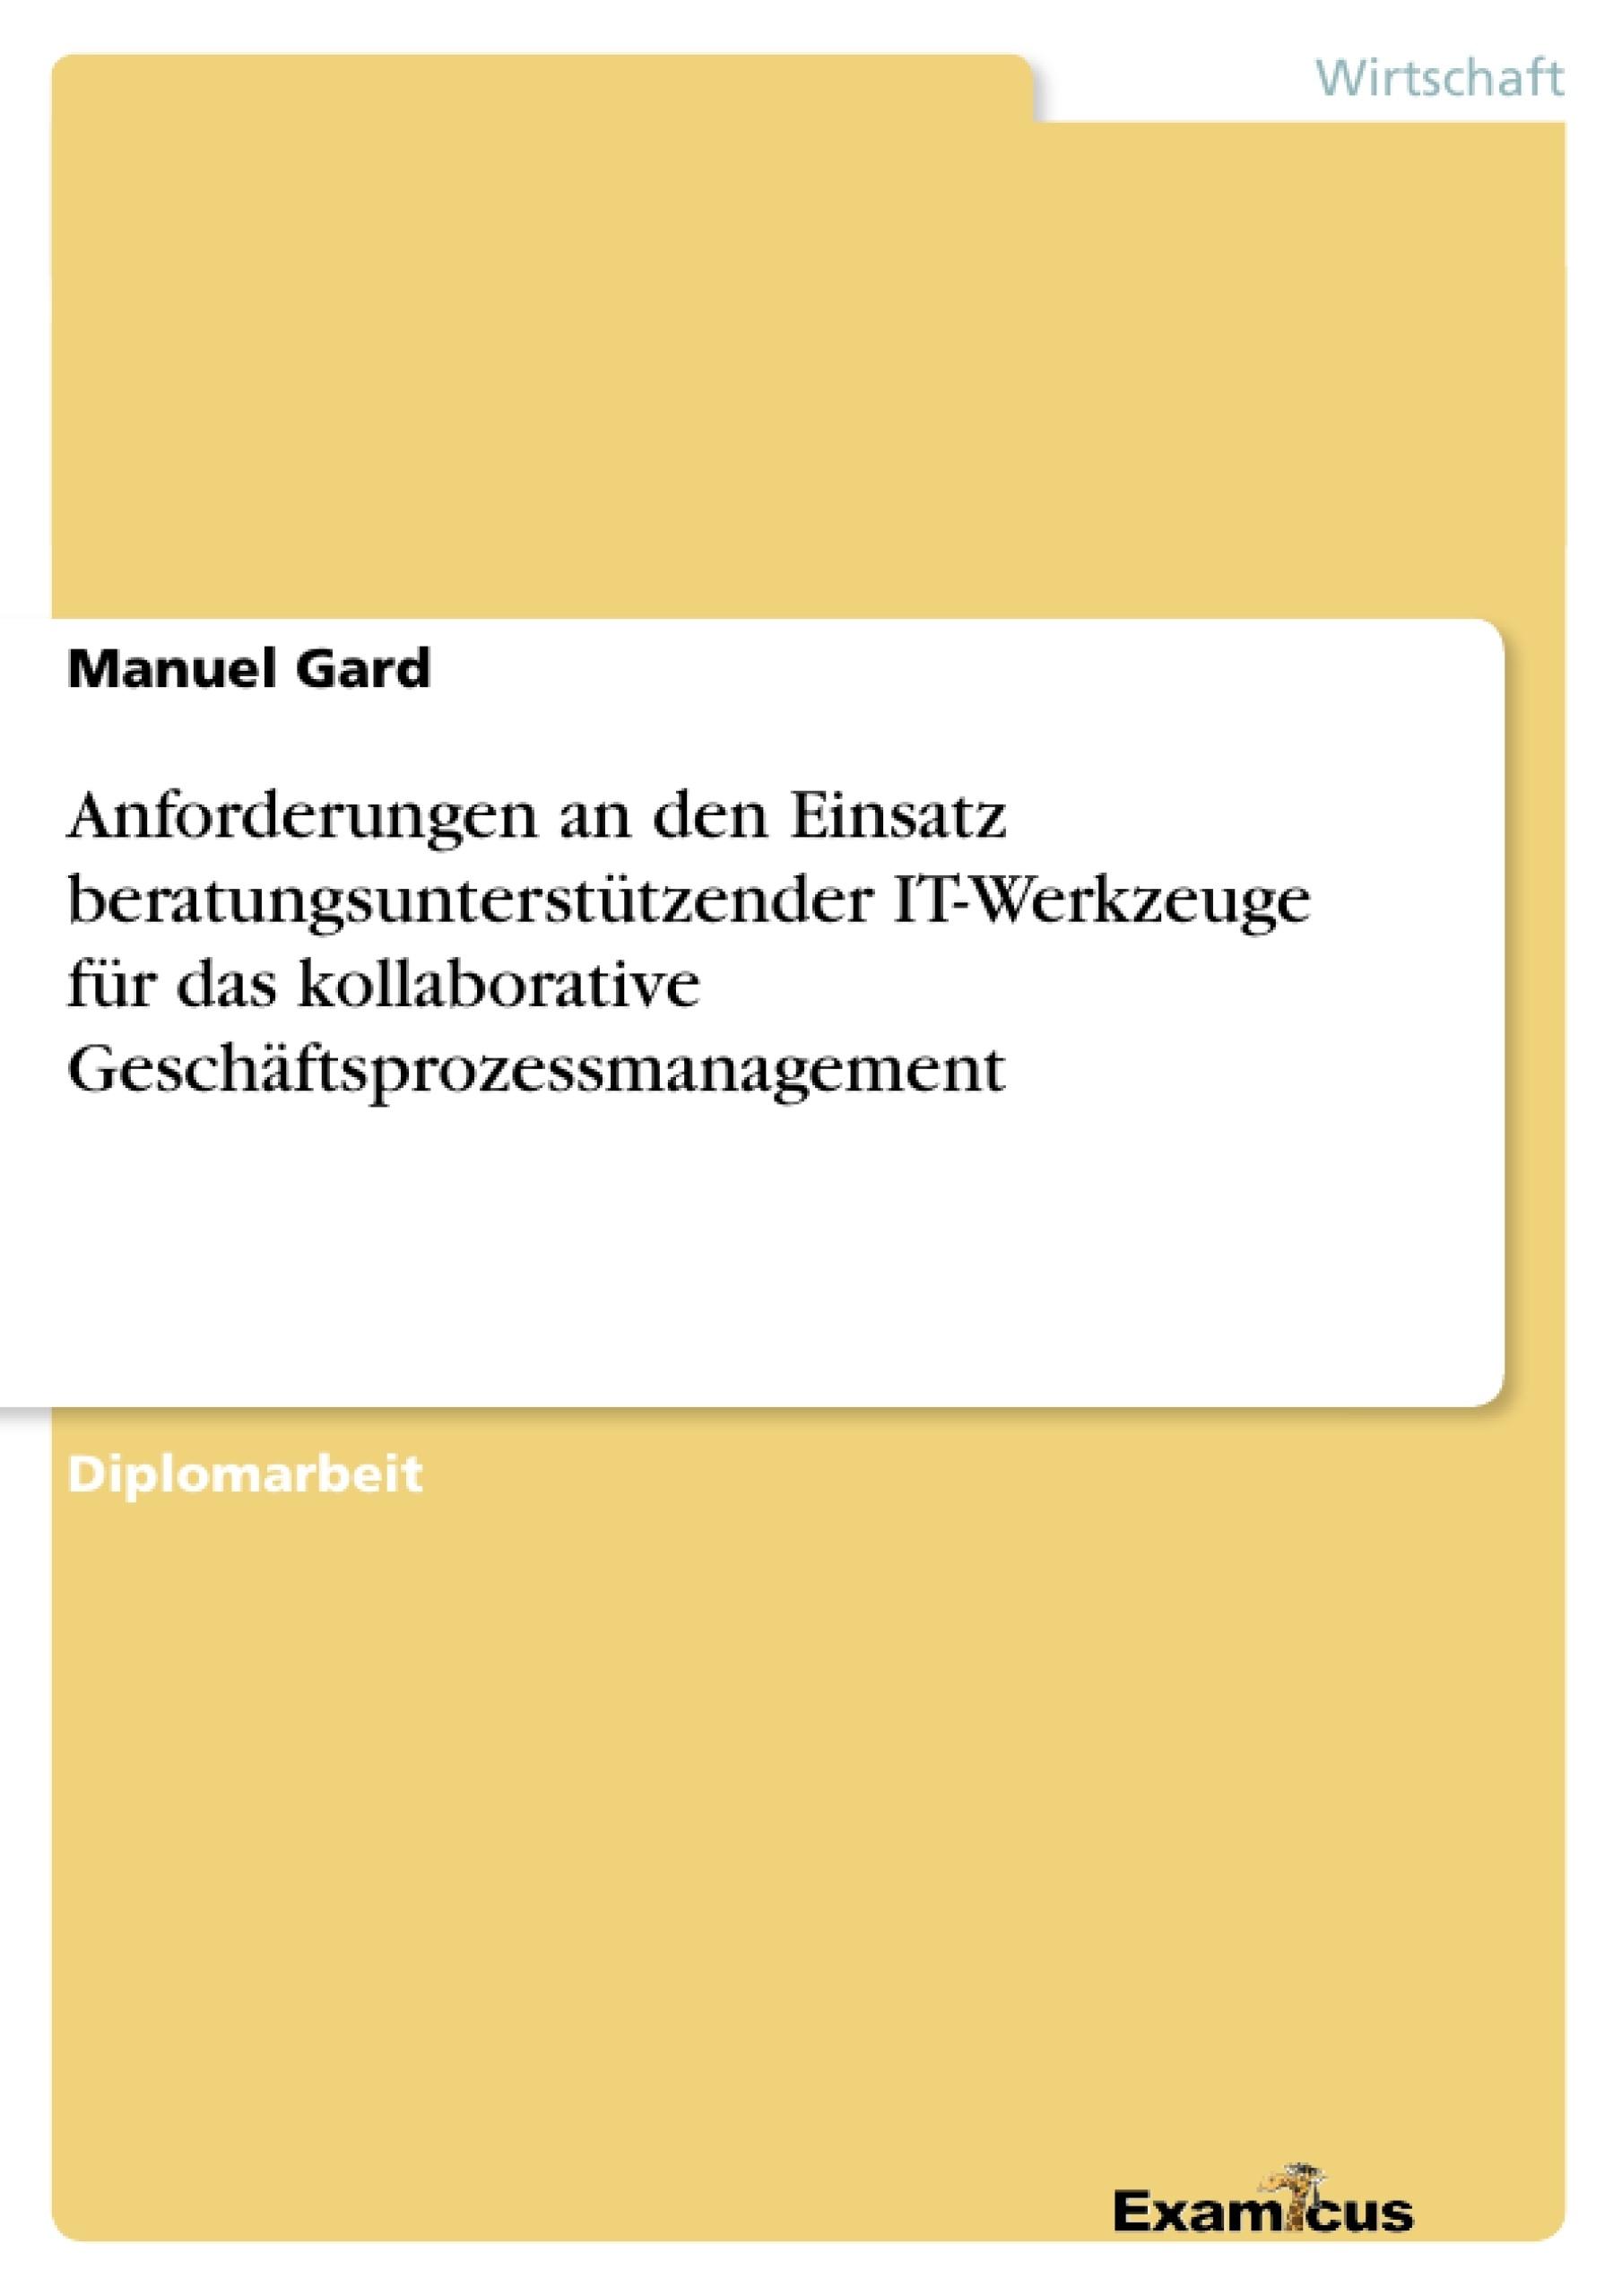 Titel: Anforderungen an den Einsatz beratungsunterstützender IT-Werkzeuge für das kollaborative Geschäftsprozessmanagement